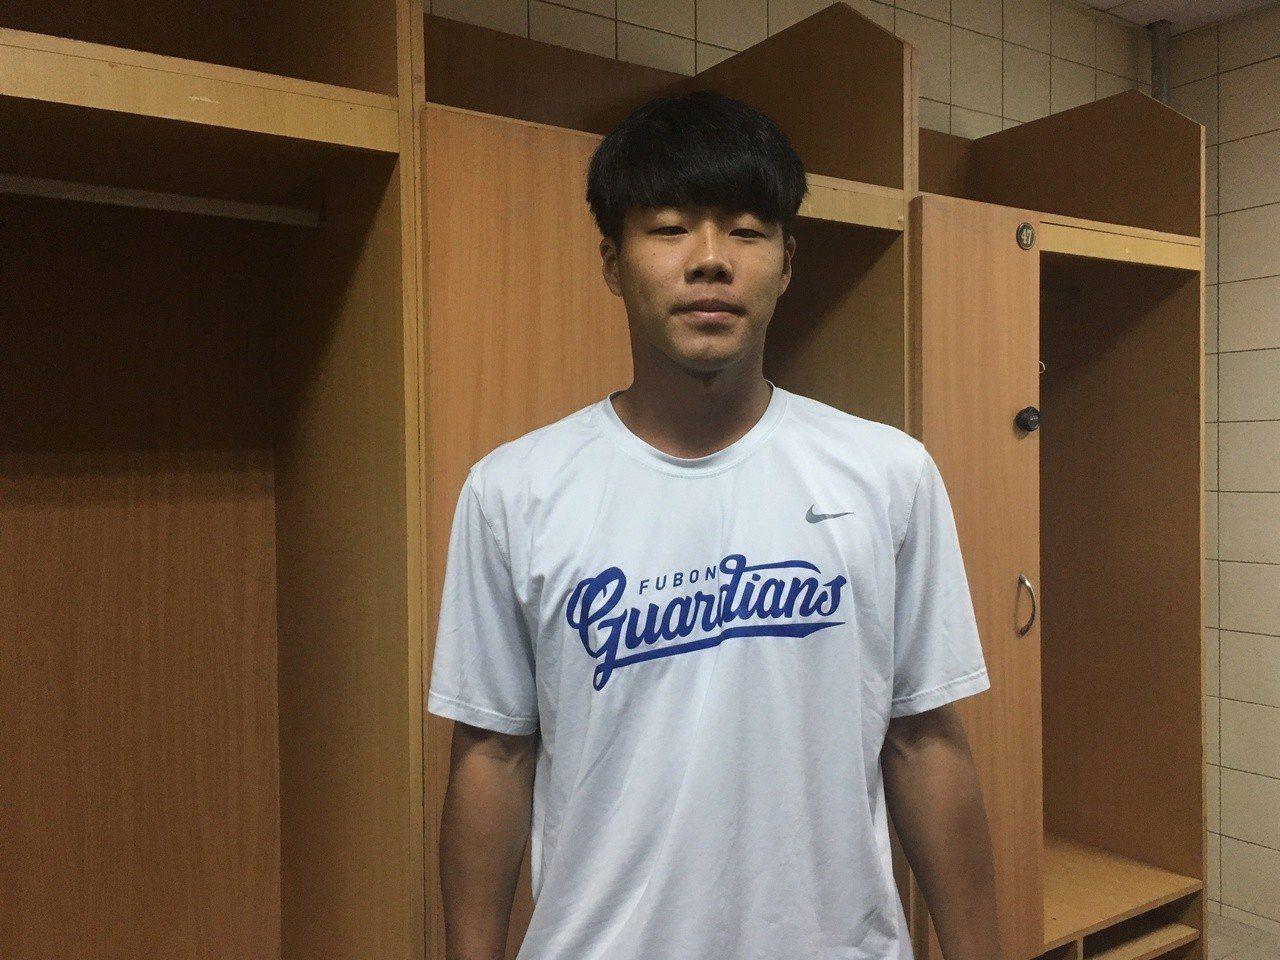 悍將隊21歲投手彭世杰。記者葉姵妤/攝影